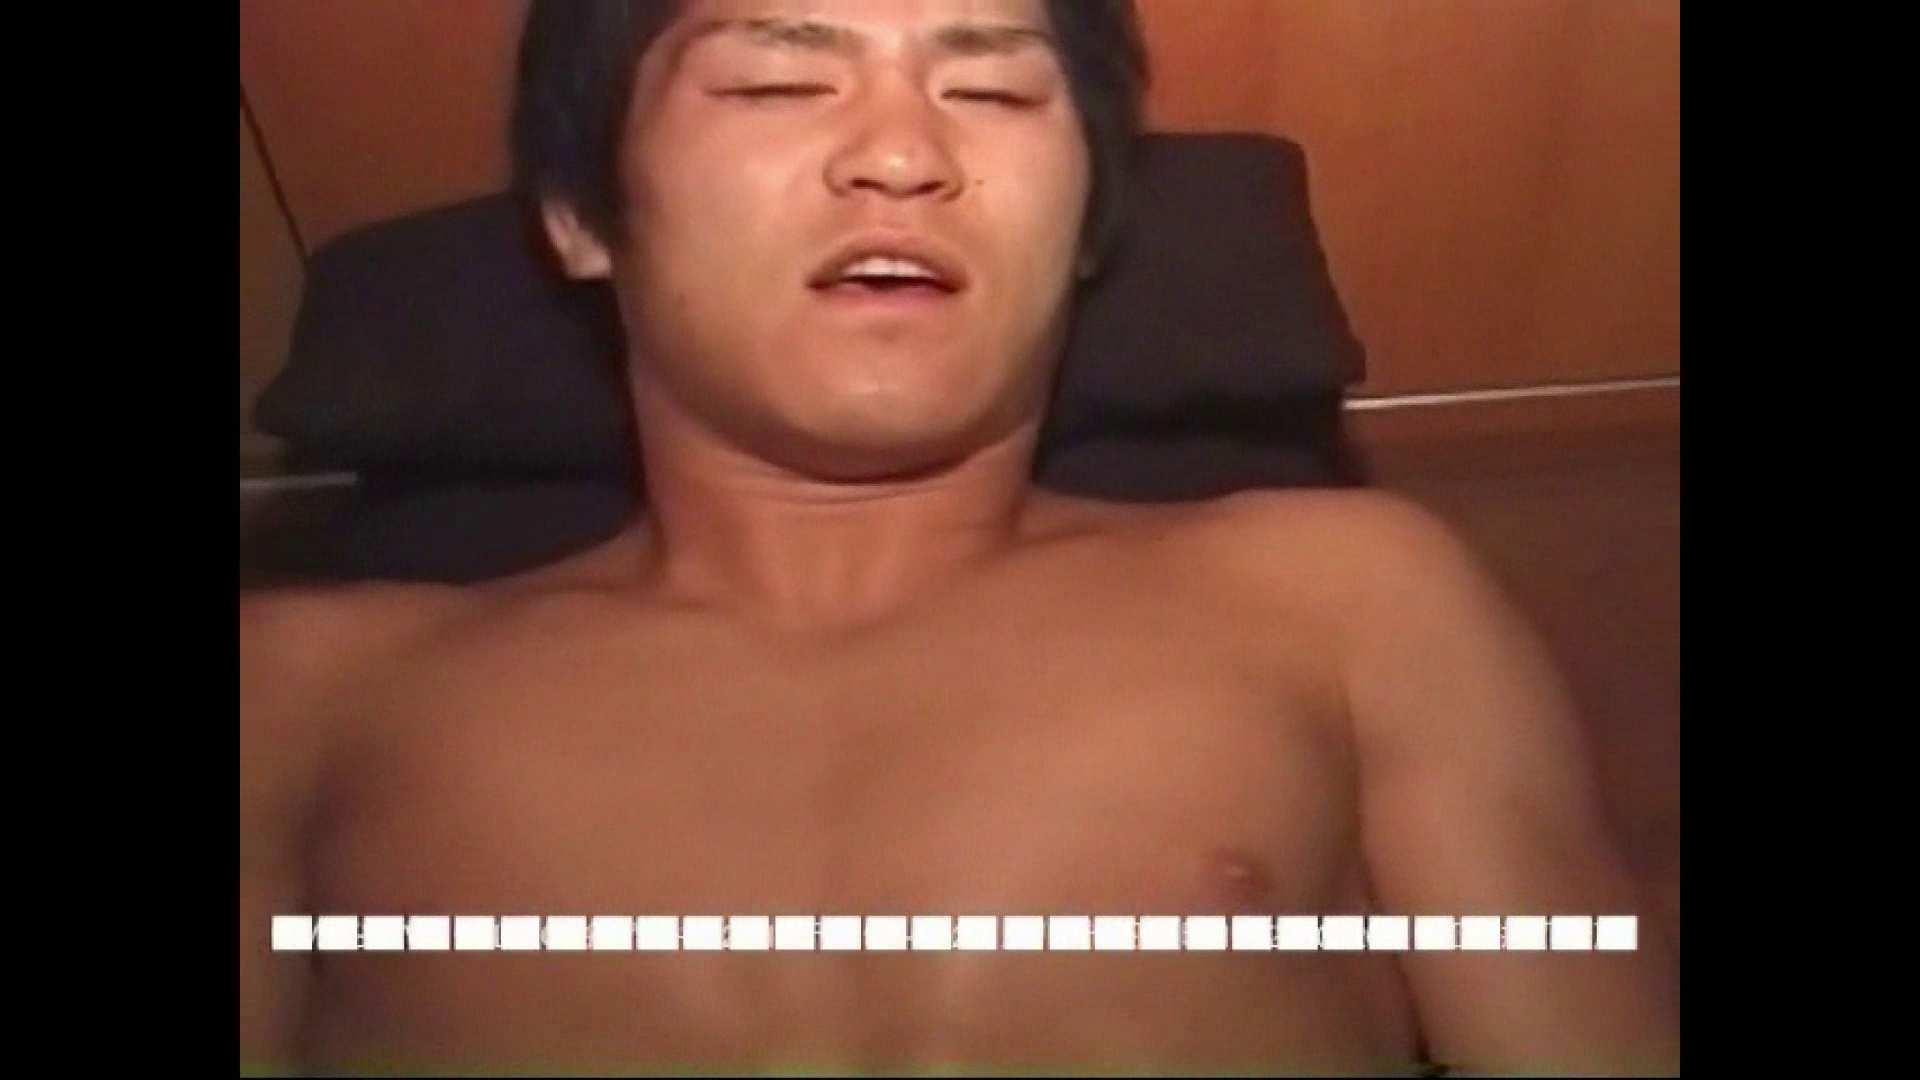 オナれ!集まれ!イケてるメンズ達!!File.04 巨根系男子   ノンケ  111枚 109